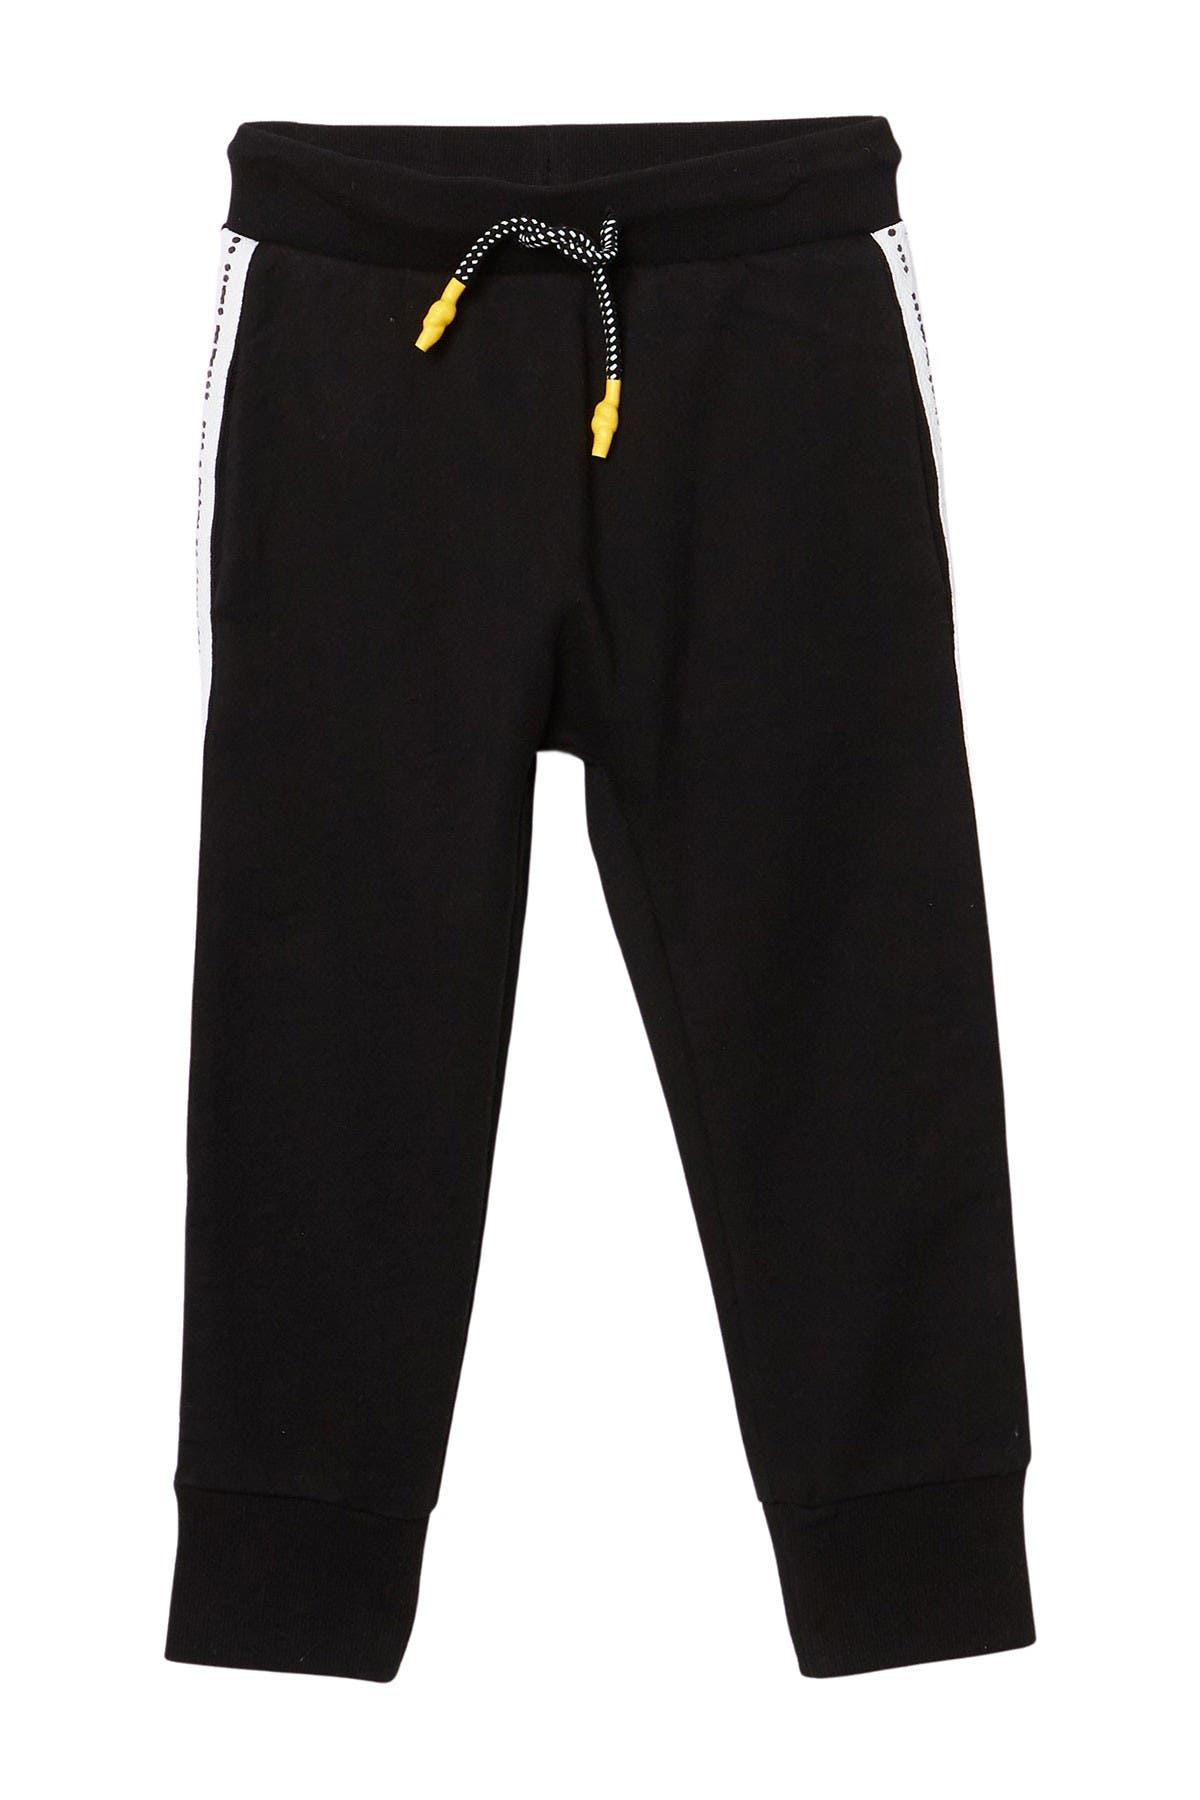 Image of Petit Lem Jogger Pants